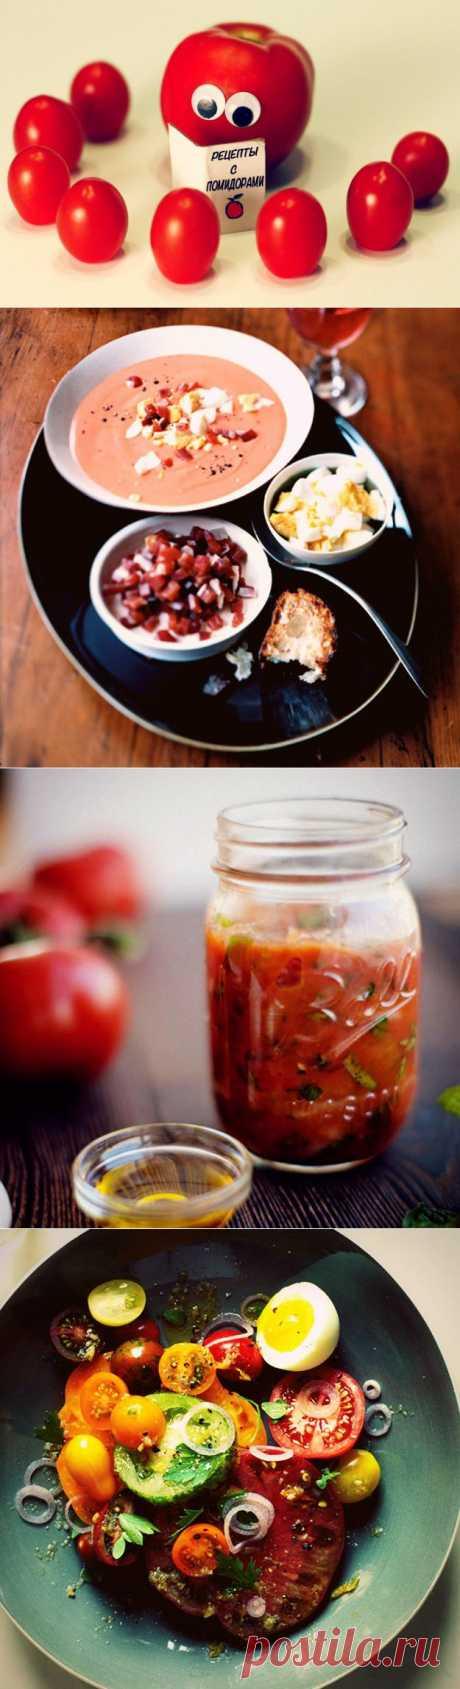 Что приготовить из помидоров? 7 рецептов вкусных блюд